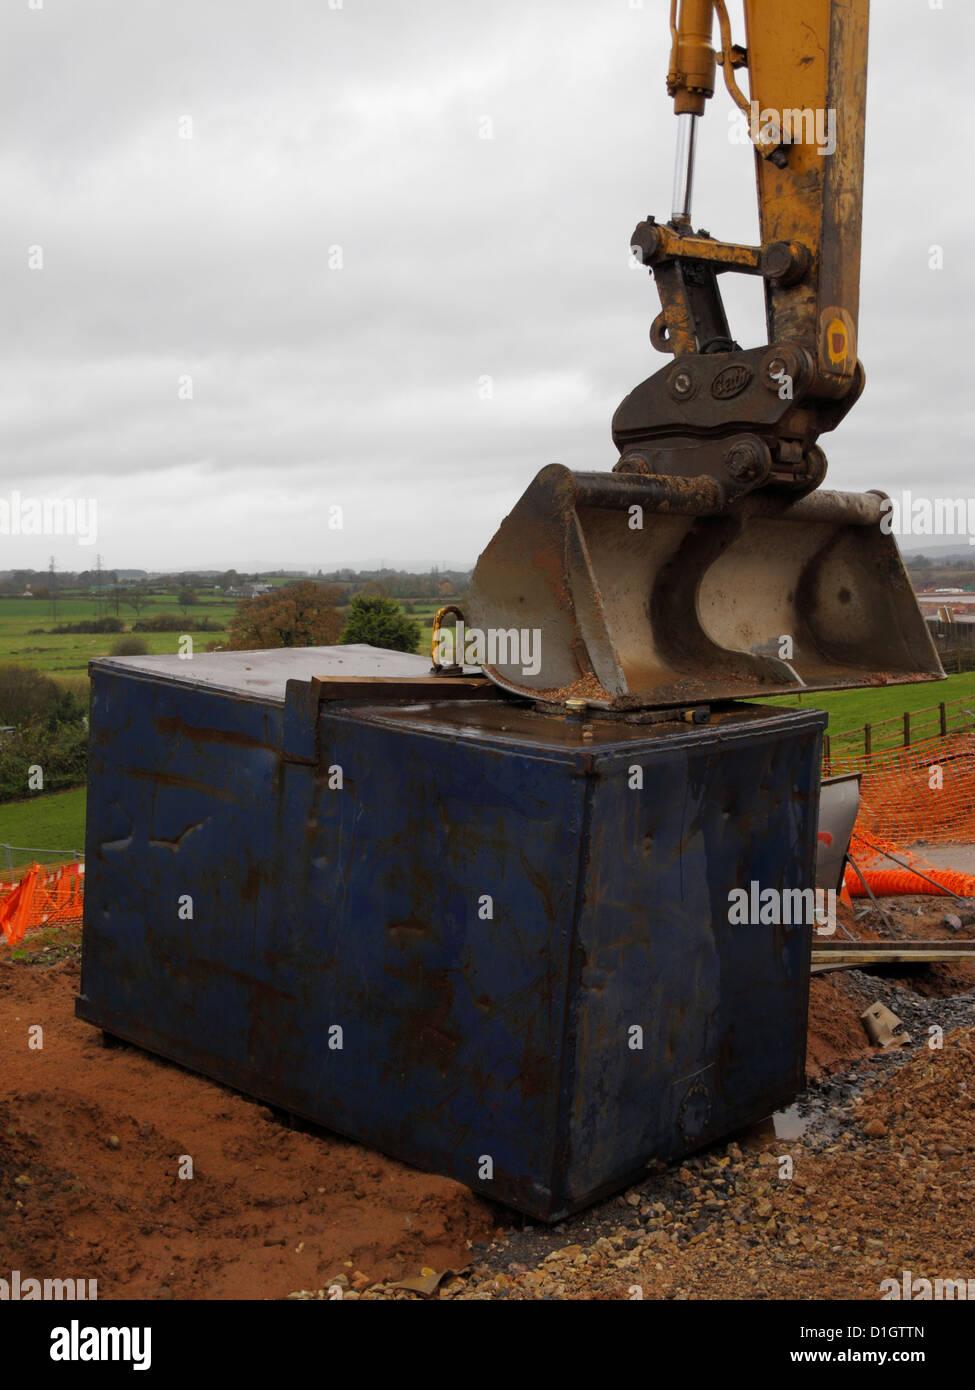 Digger Gas Tank : Digger bucket stock photos images